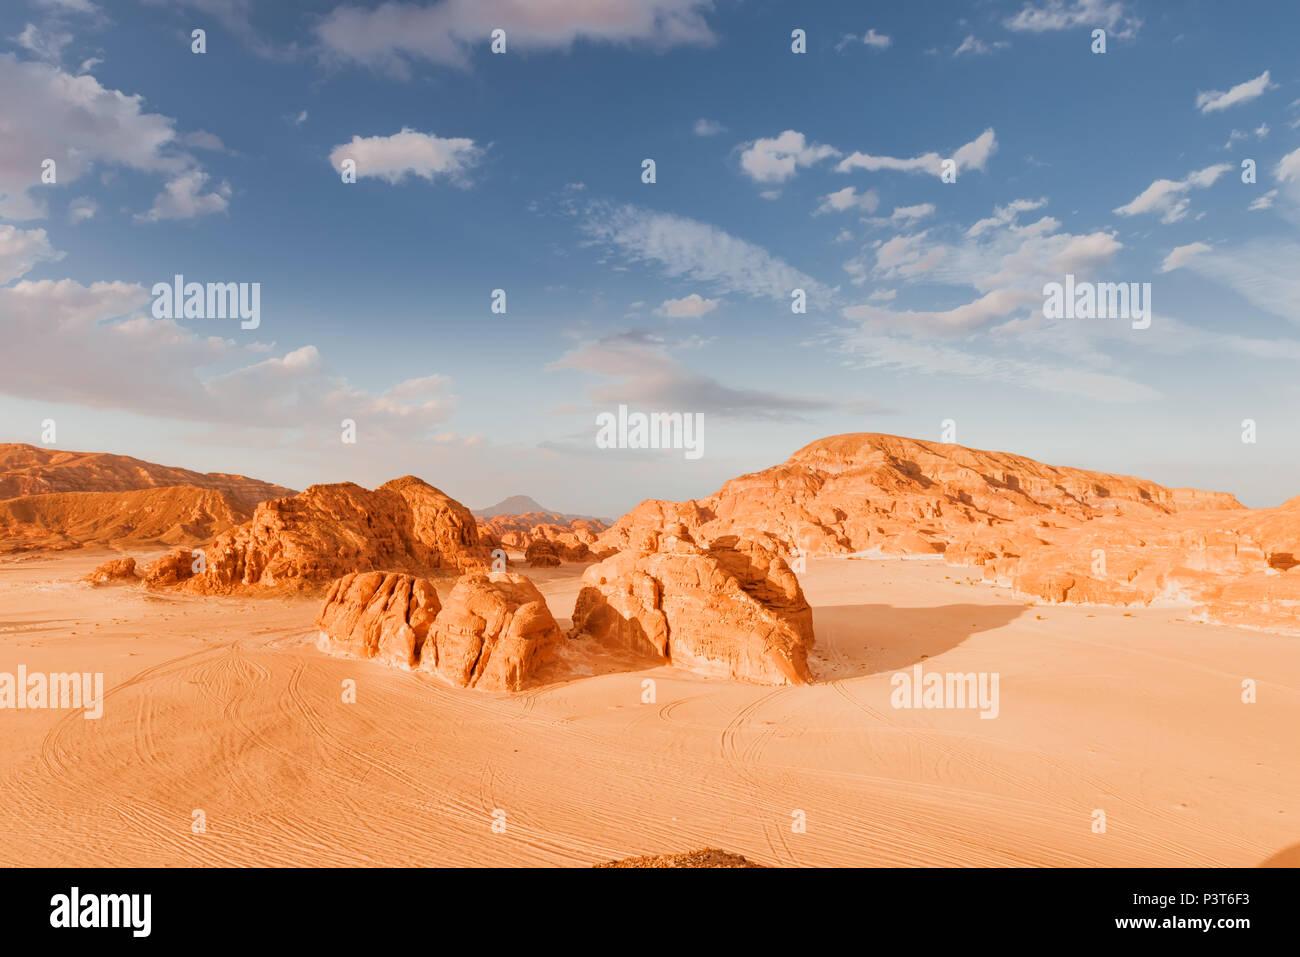 Sandy desert in Egypt at sunset - Stock Image